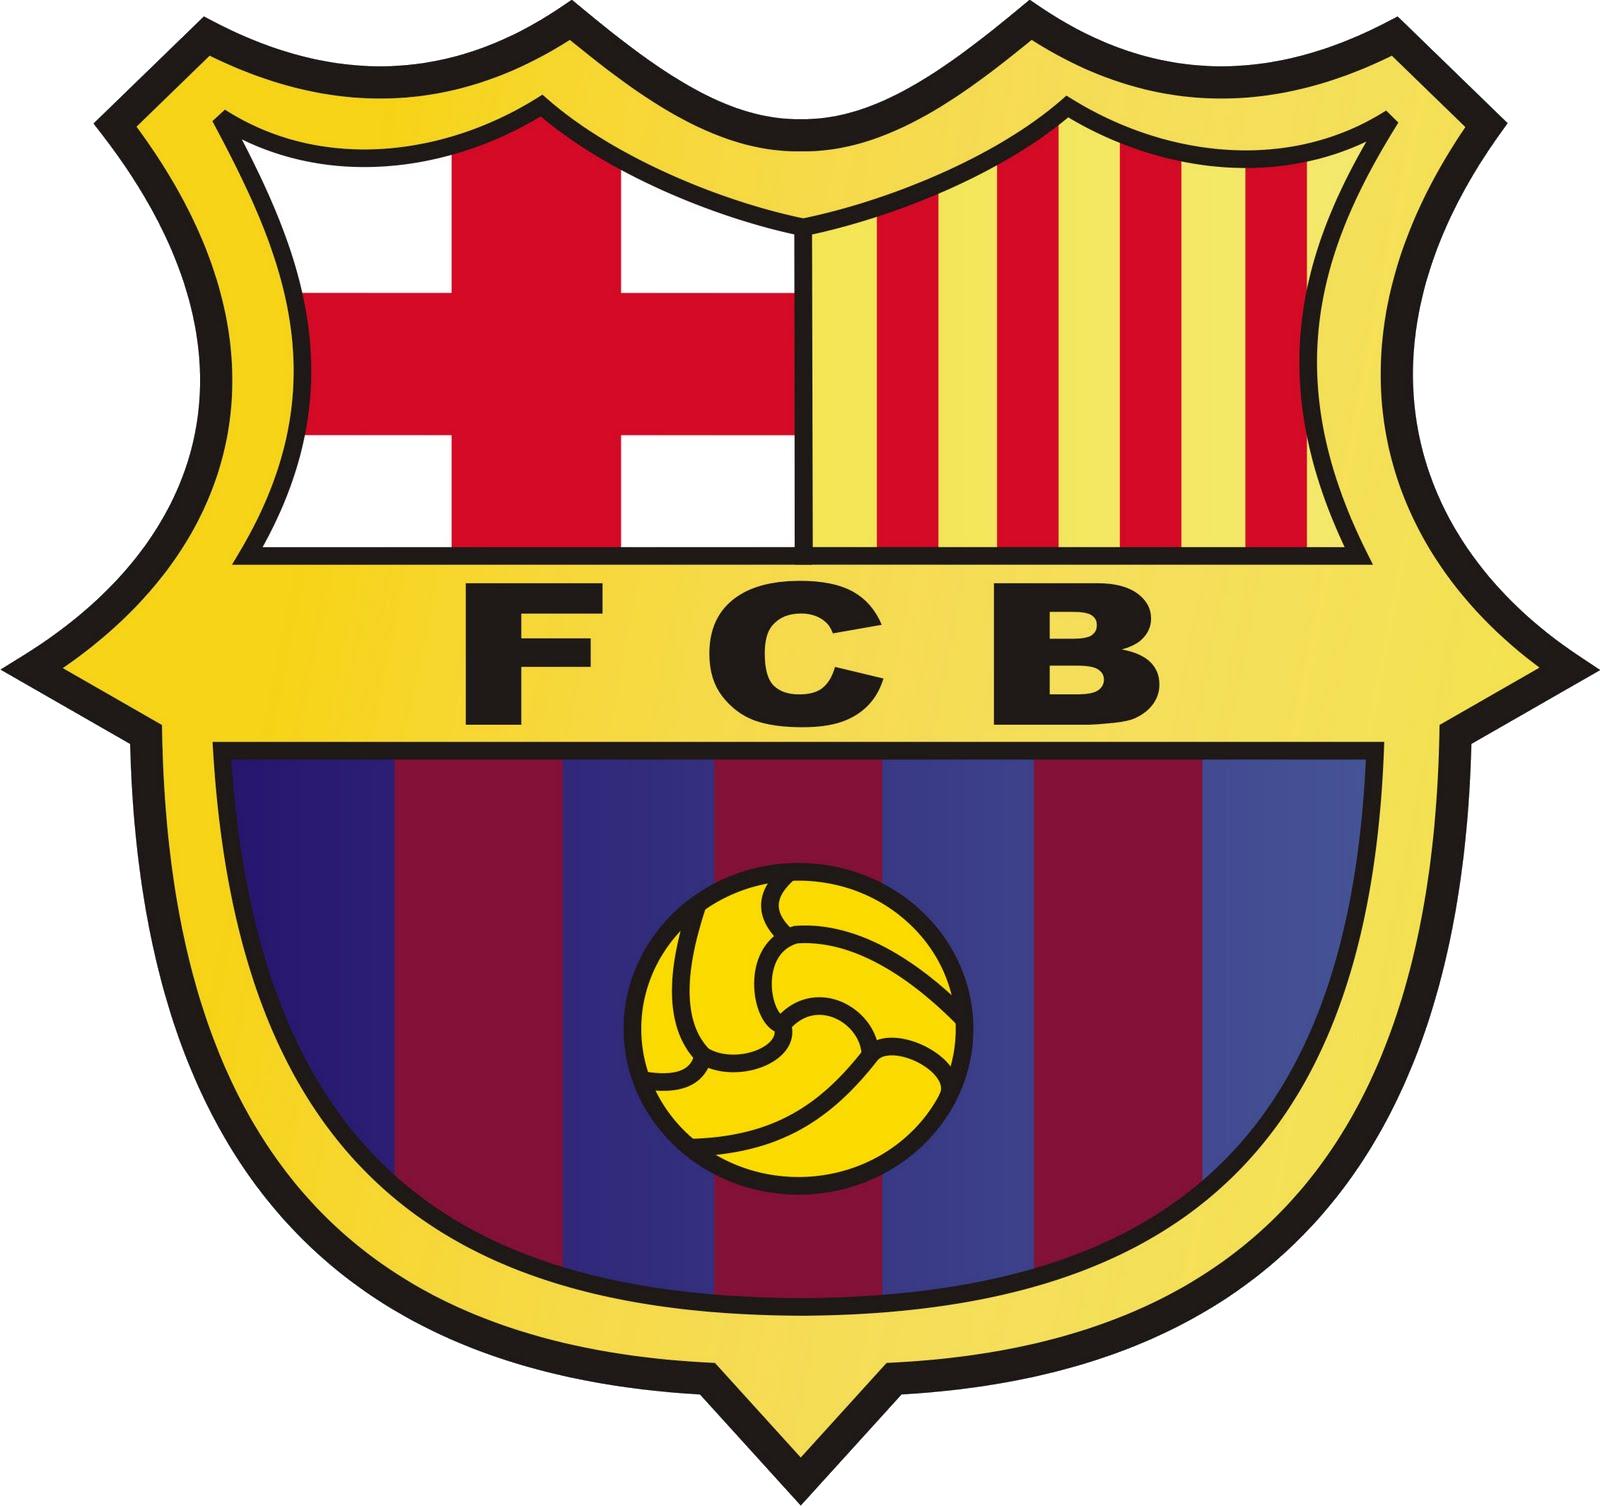 Fc barcelona clipart clip art transparent stock Barcelona PNG Images, FC Barcelona PNG Logo, FCB Logo Clipart - Free ... clip art transparent stock